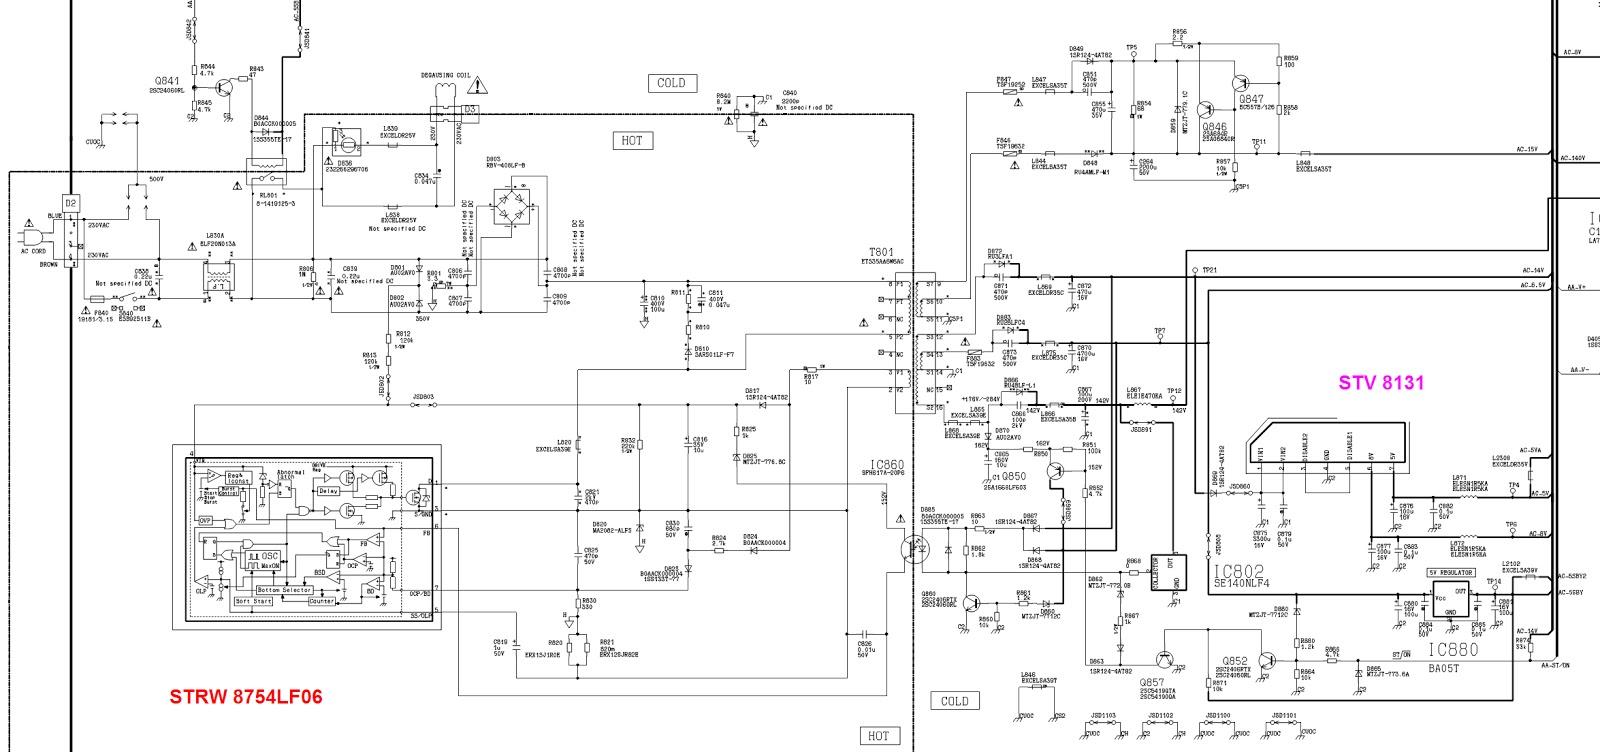 Electro help: 07/12/13